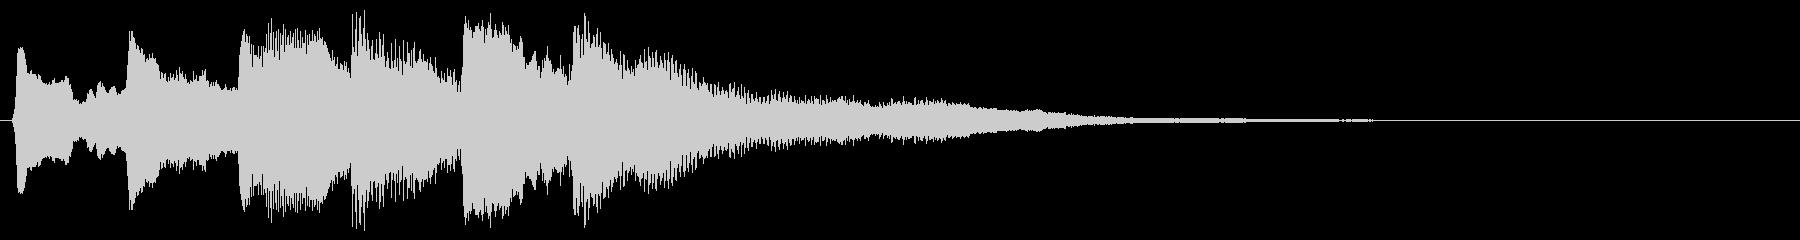 ゲームオーバー 残念 8bit版の未再生の波形